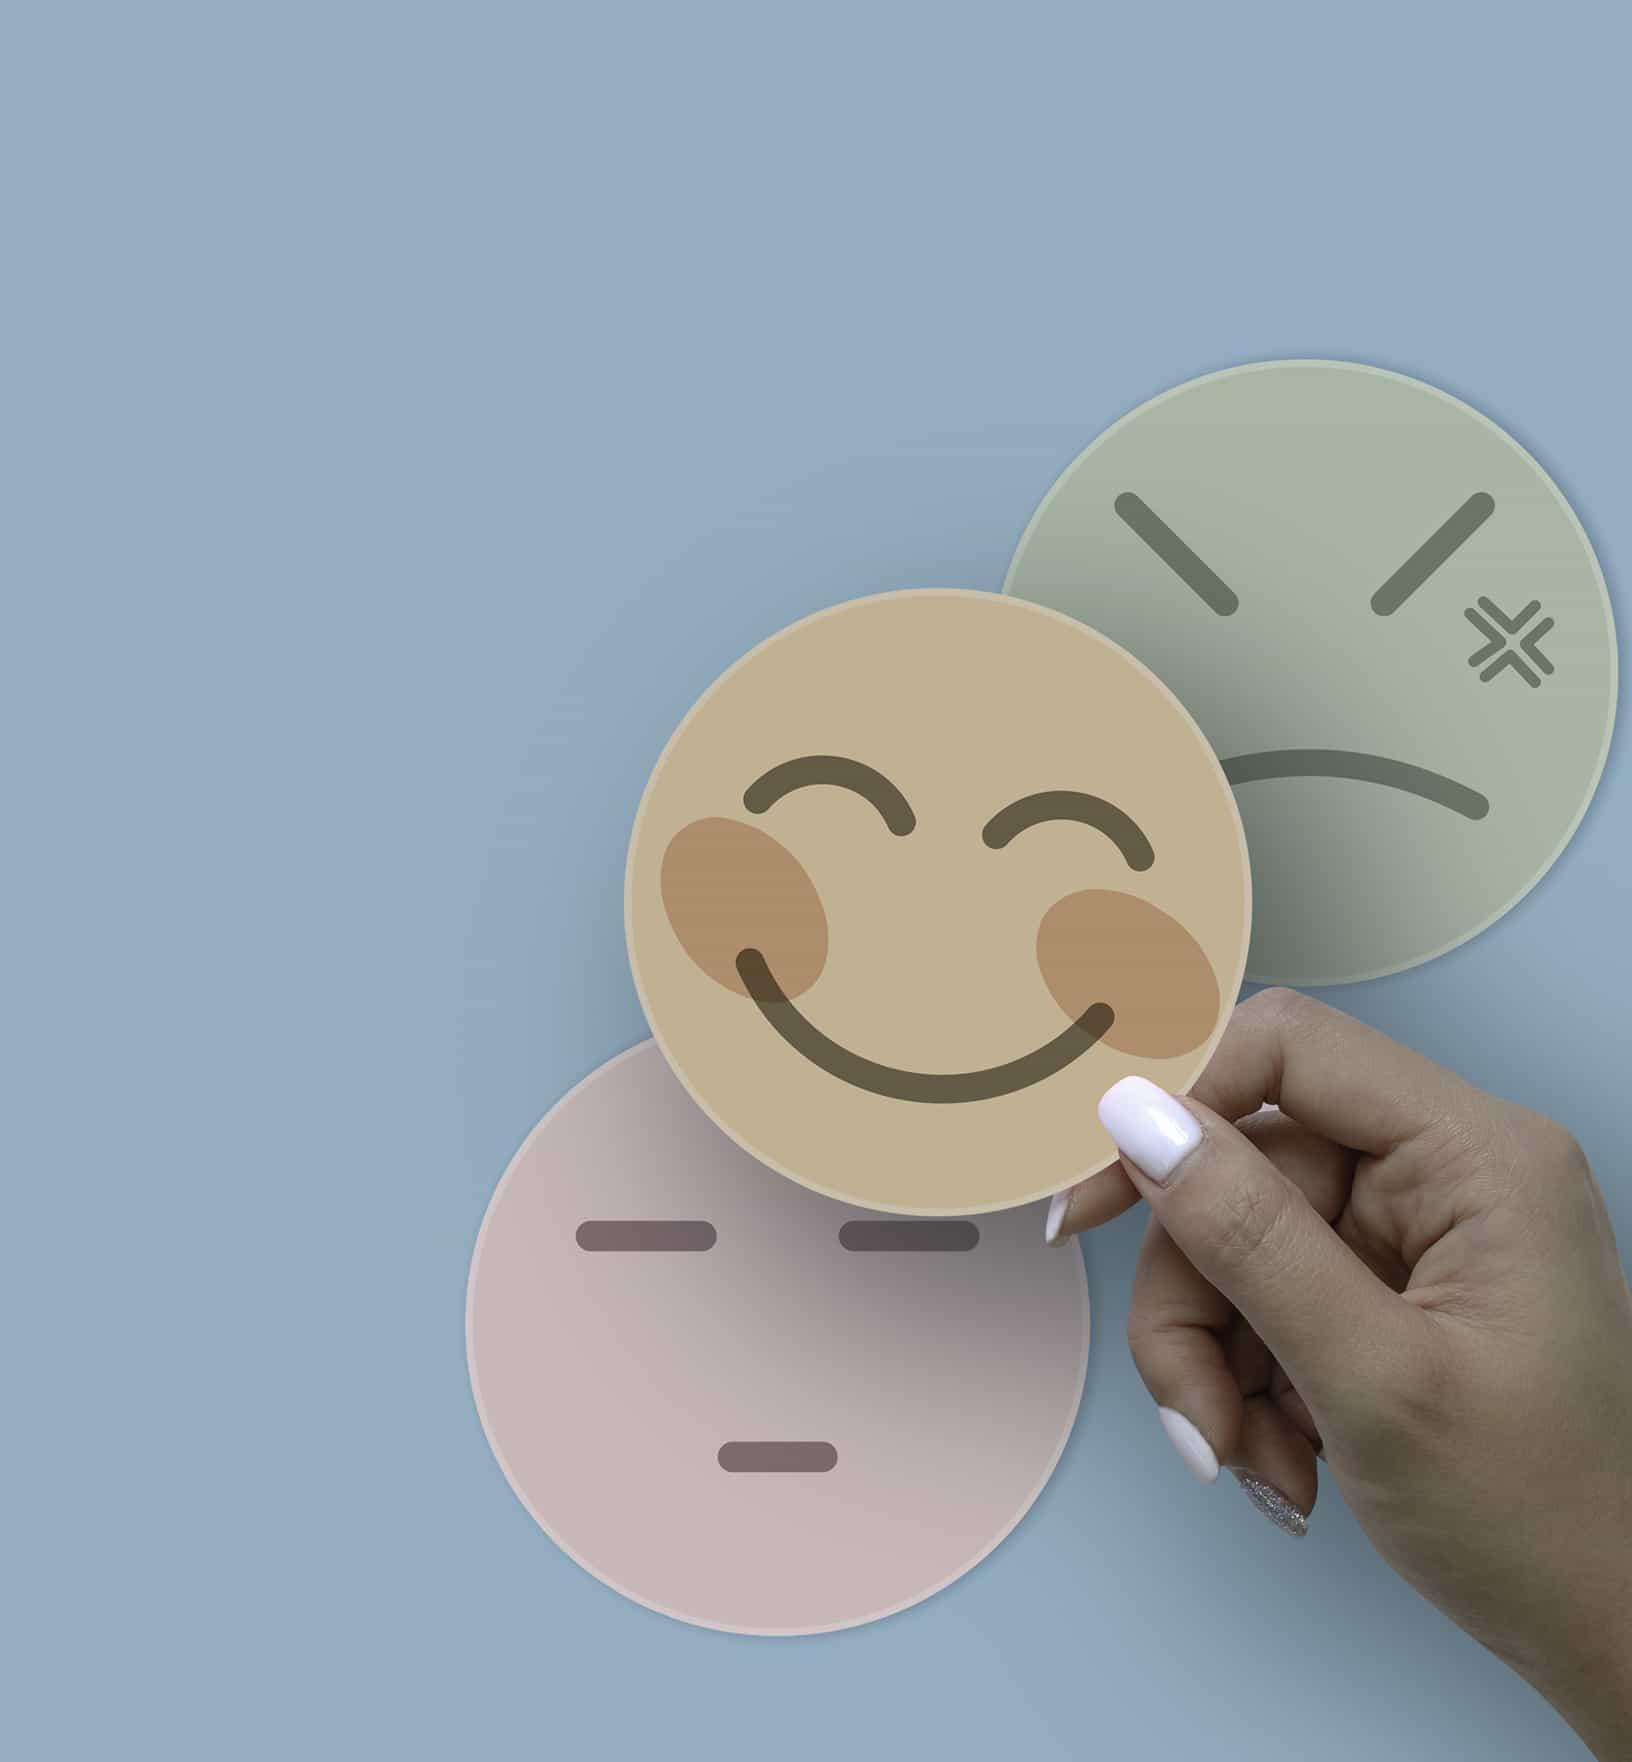 Una mano que sostiene un botón de cara triste, un botón de sonrisa y un botón de cara seria